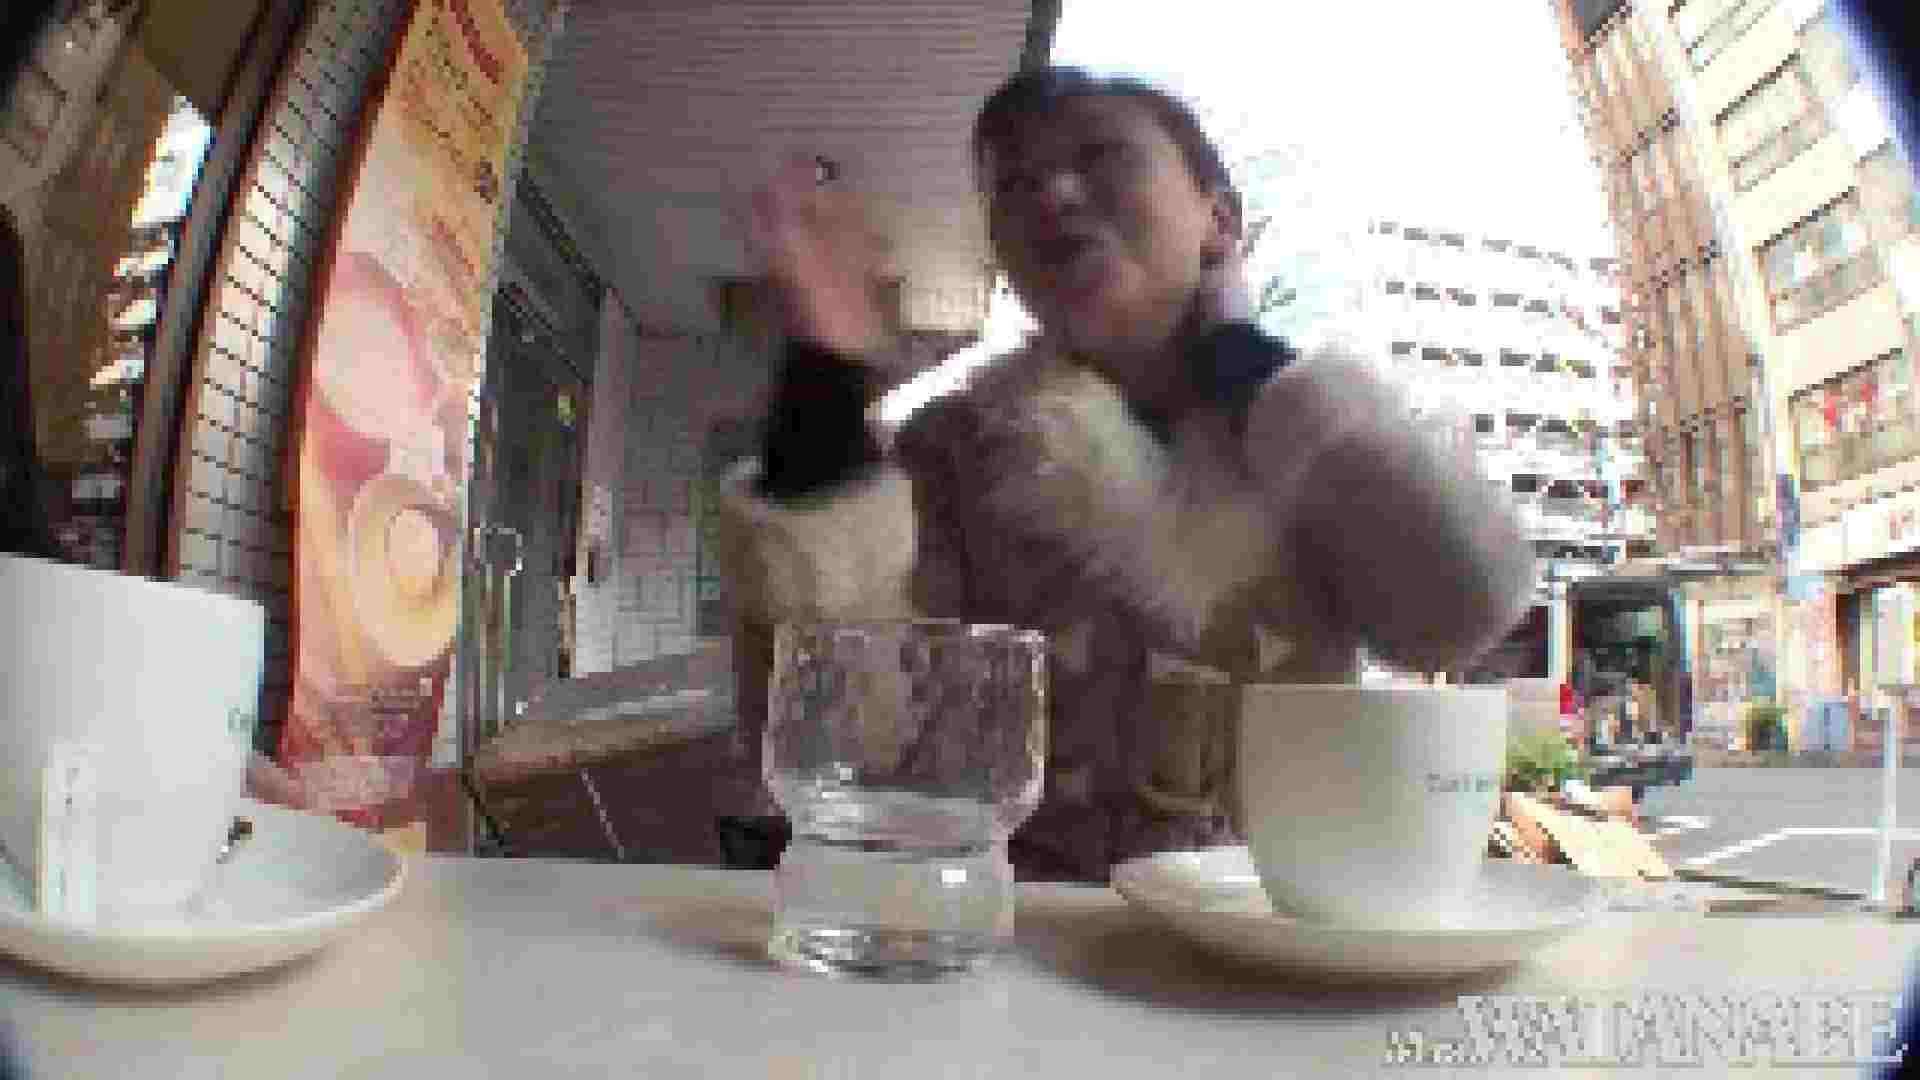 撮影スタッフを誘惑する痴熟女 かおり40歳 Vol.01 素人 オマンコ動画キャプチャ 82pic 68